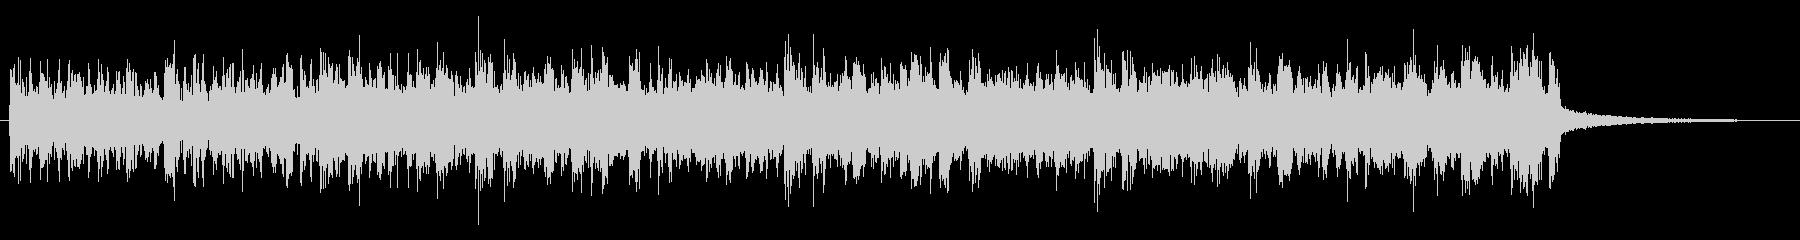 劇伴ロック オーケストラ 30秒バンド版の未再生の波形